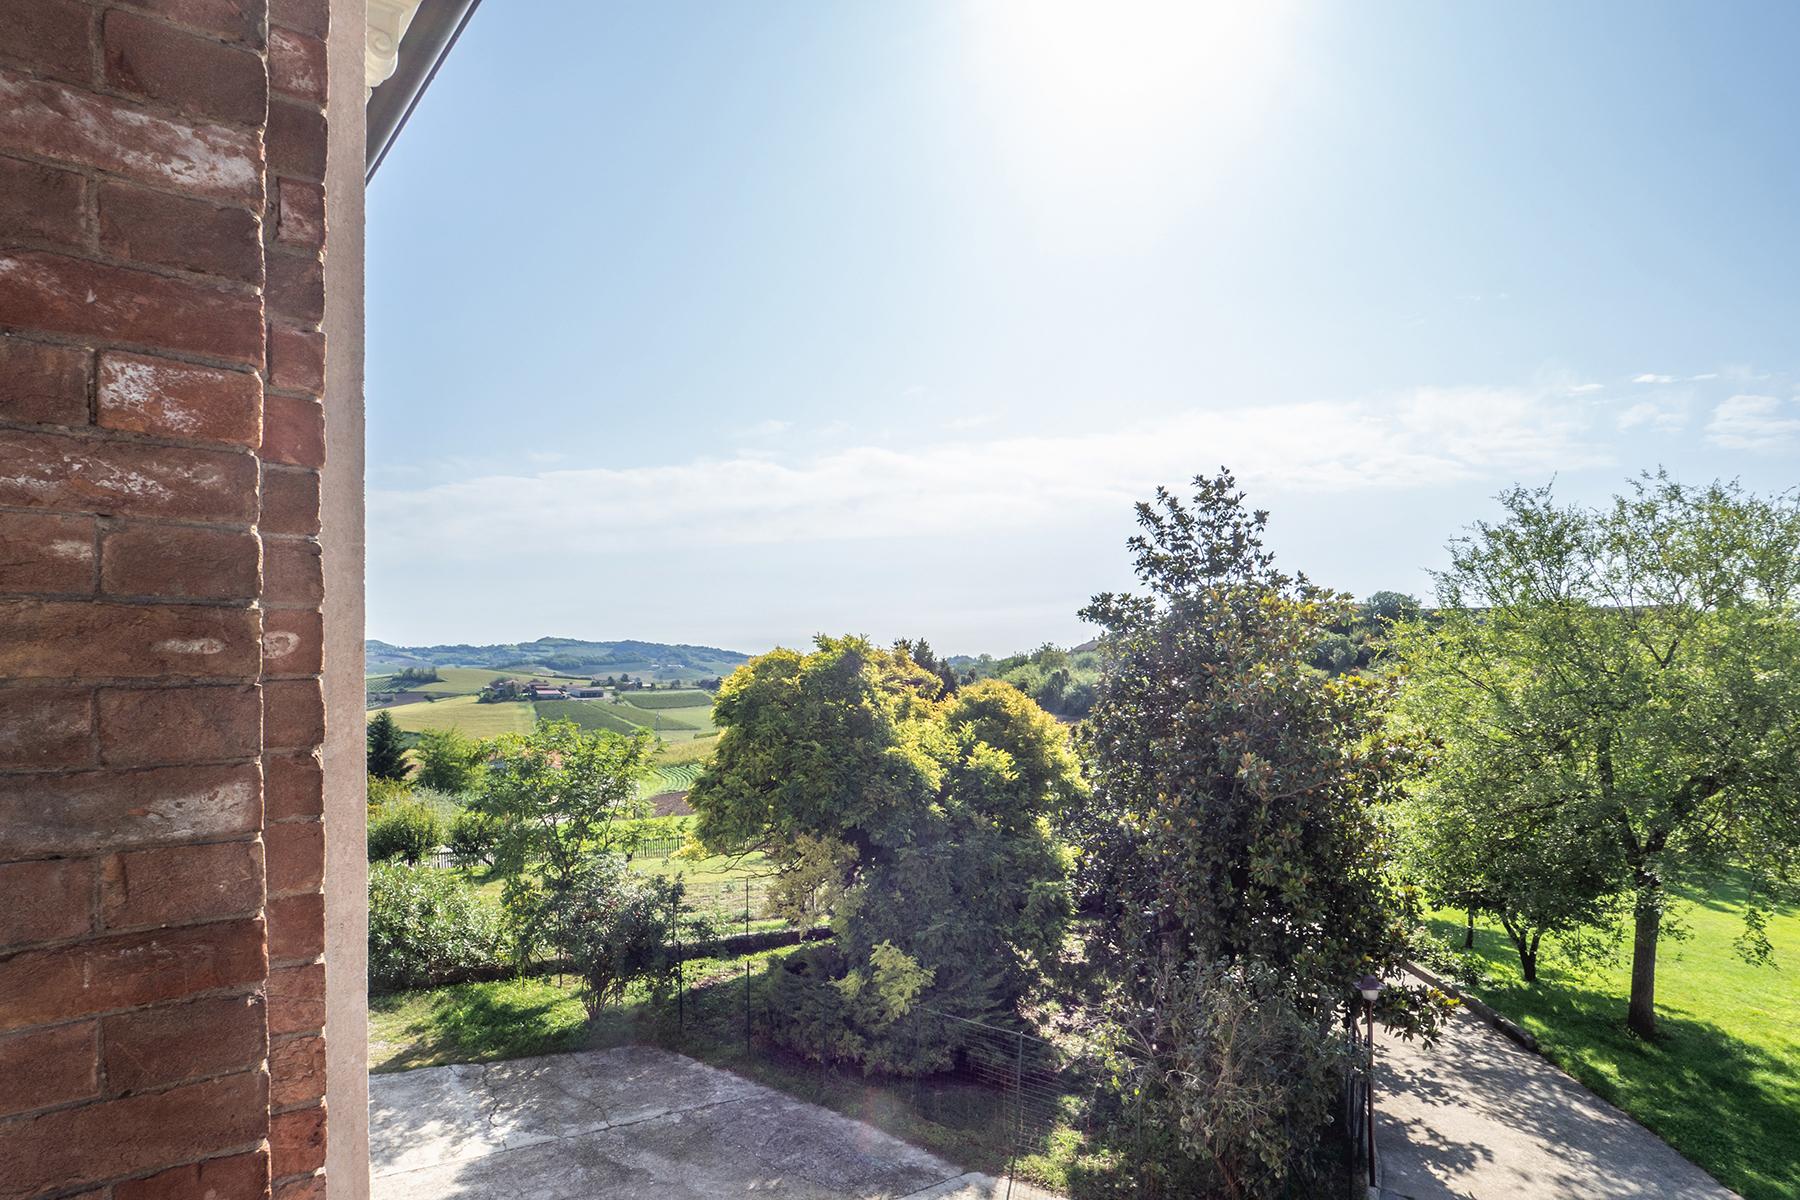 Rustico in Vendita a Sala Monferrato: 5 locali, 1000 mq - Foto 28